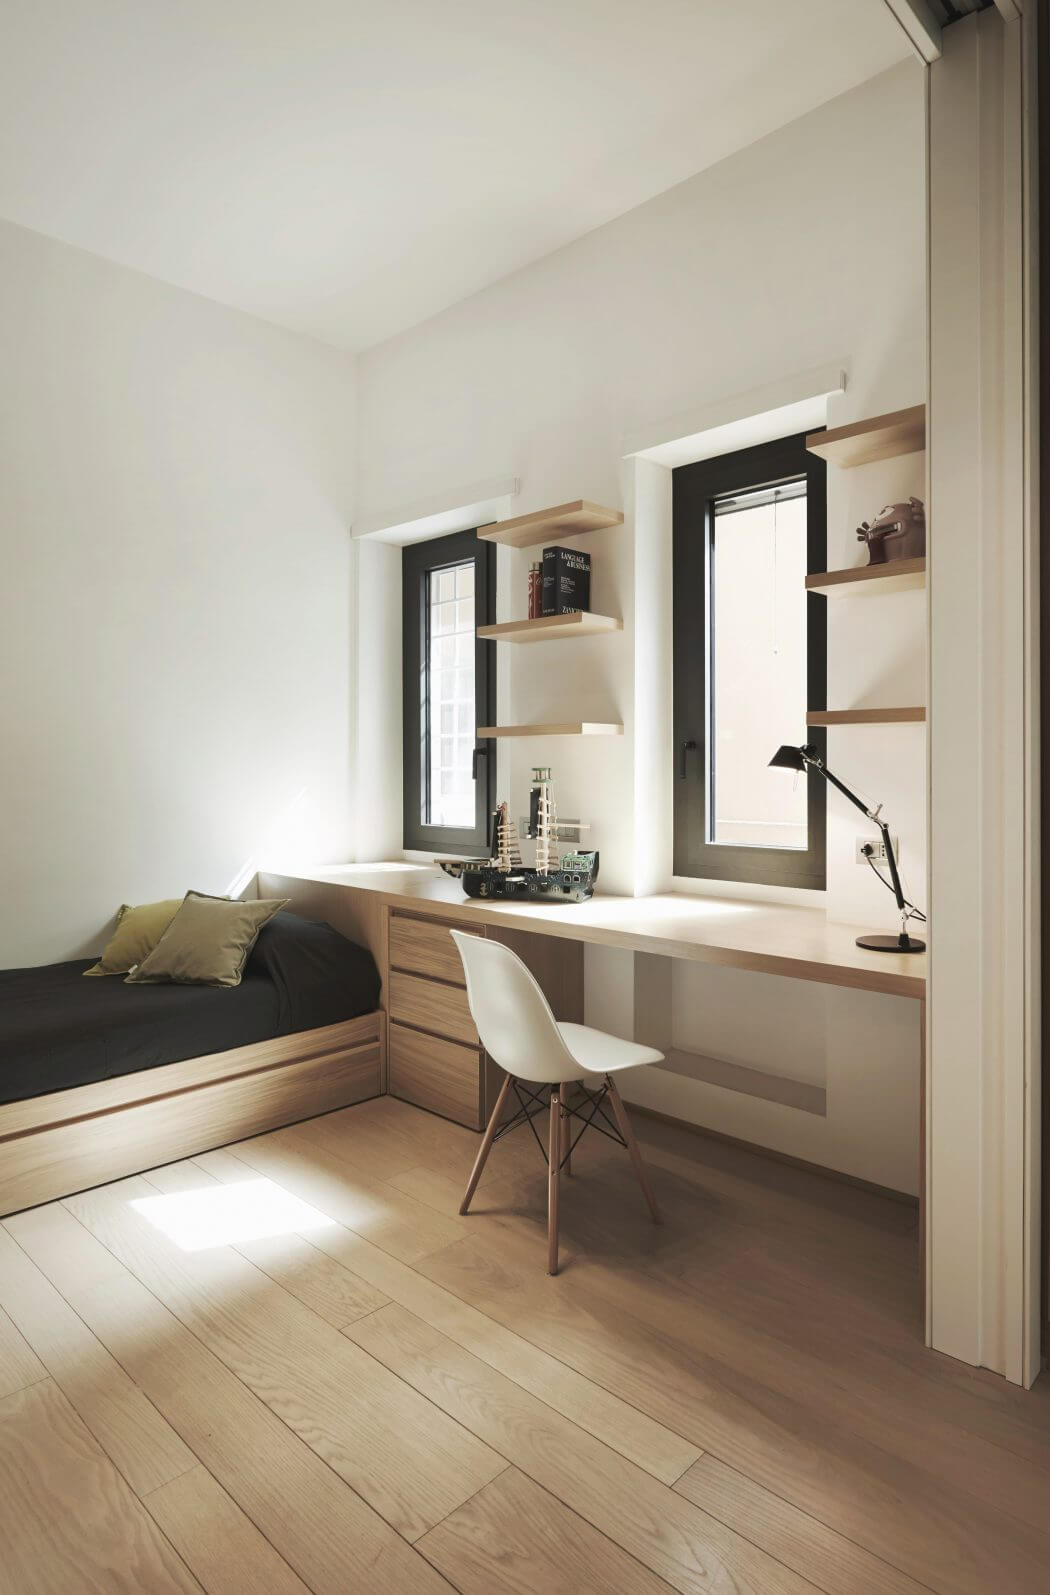 013-apartment-carola-vannini-1050x1595